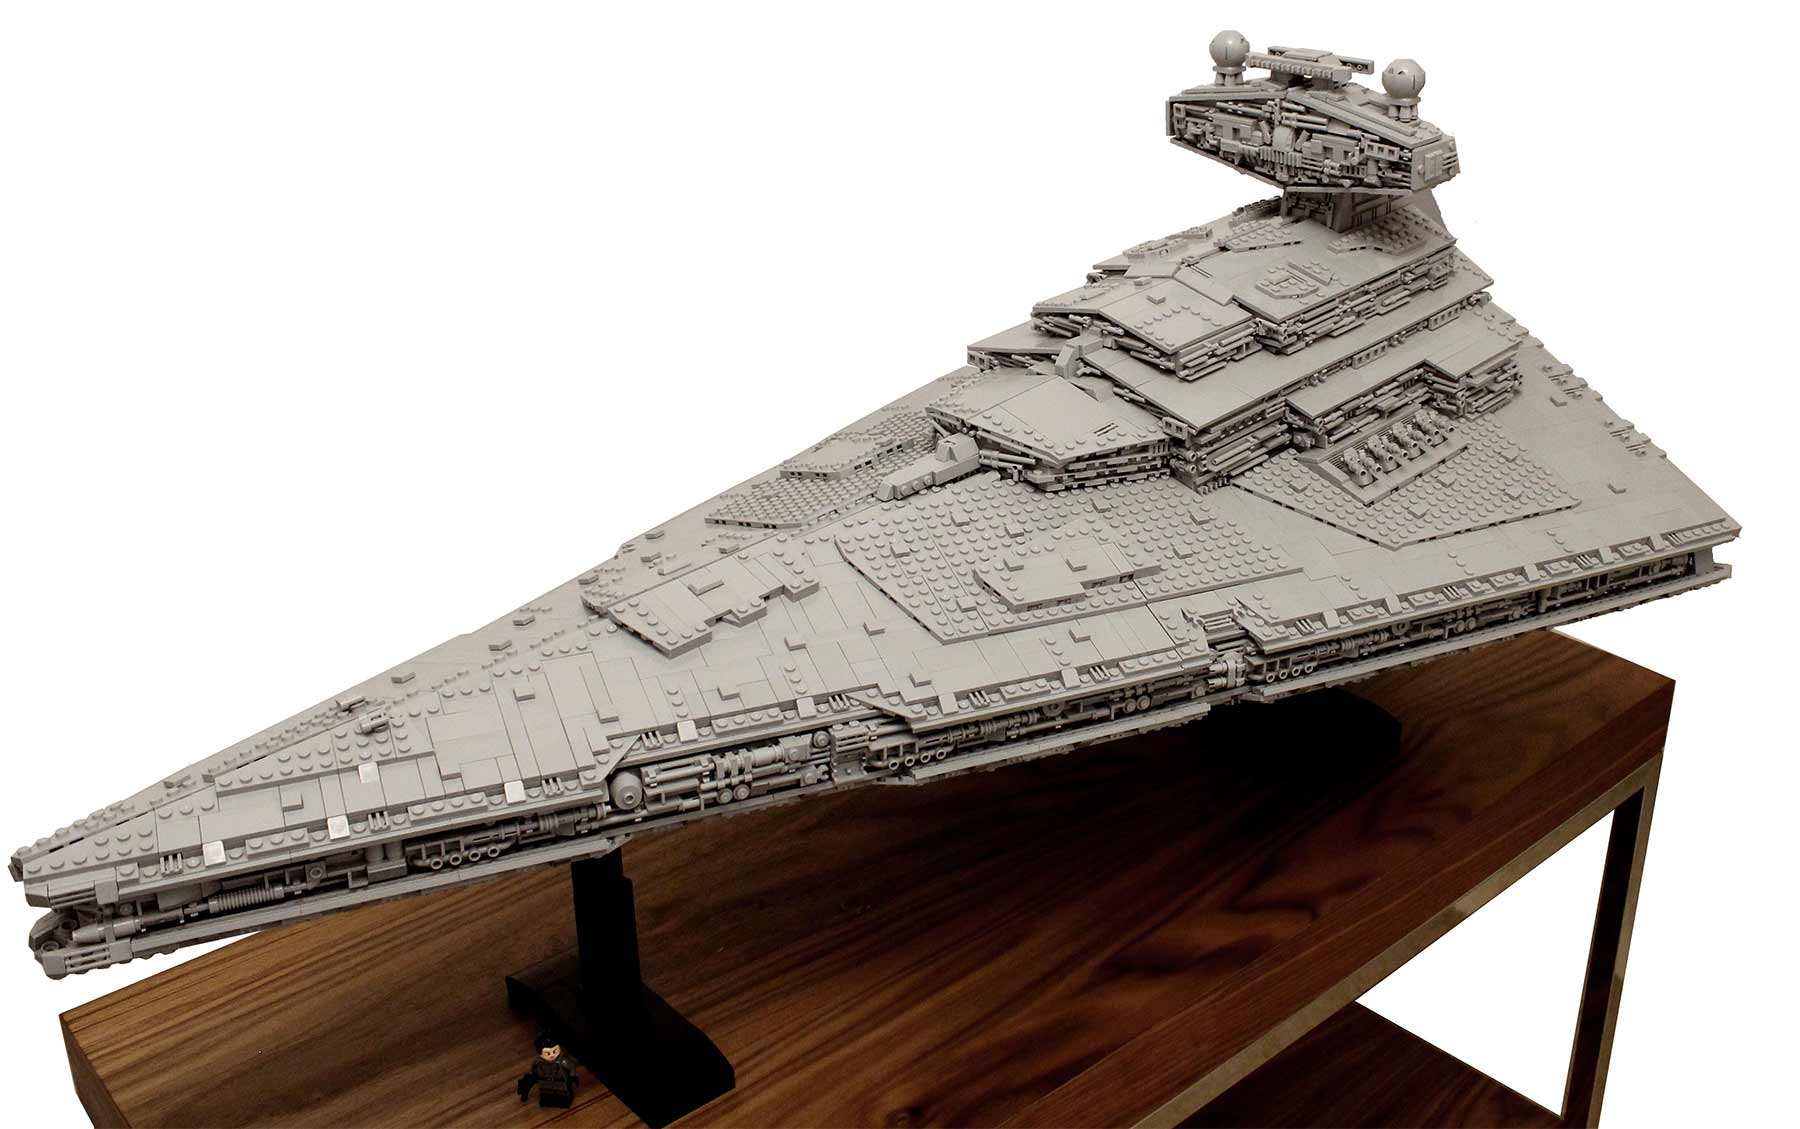 Gigantischer Sternzerstörer aus LEGO